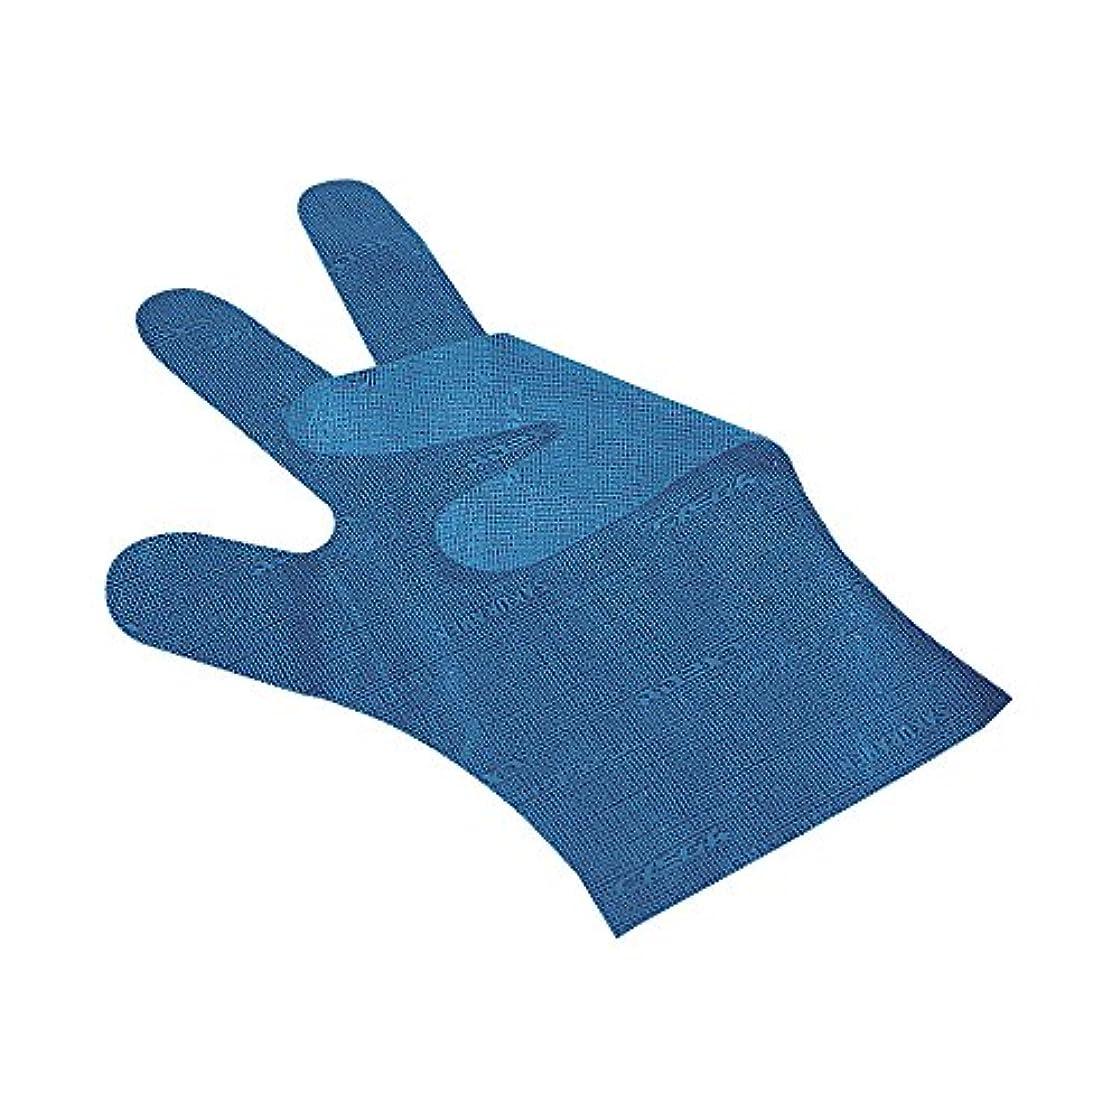 安全振り返る寄り添うサクラメンエンボス手袋 デラックス ブルー S 100枚入